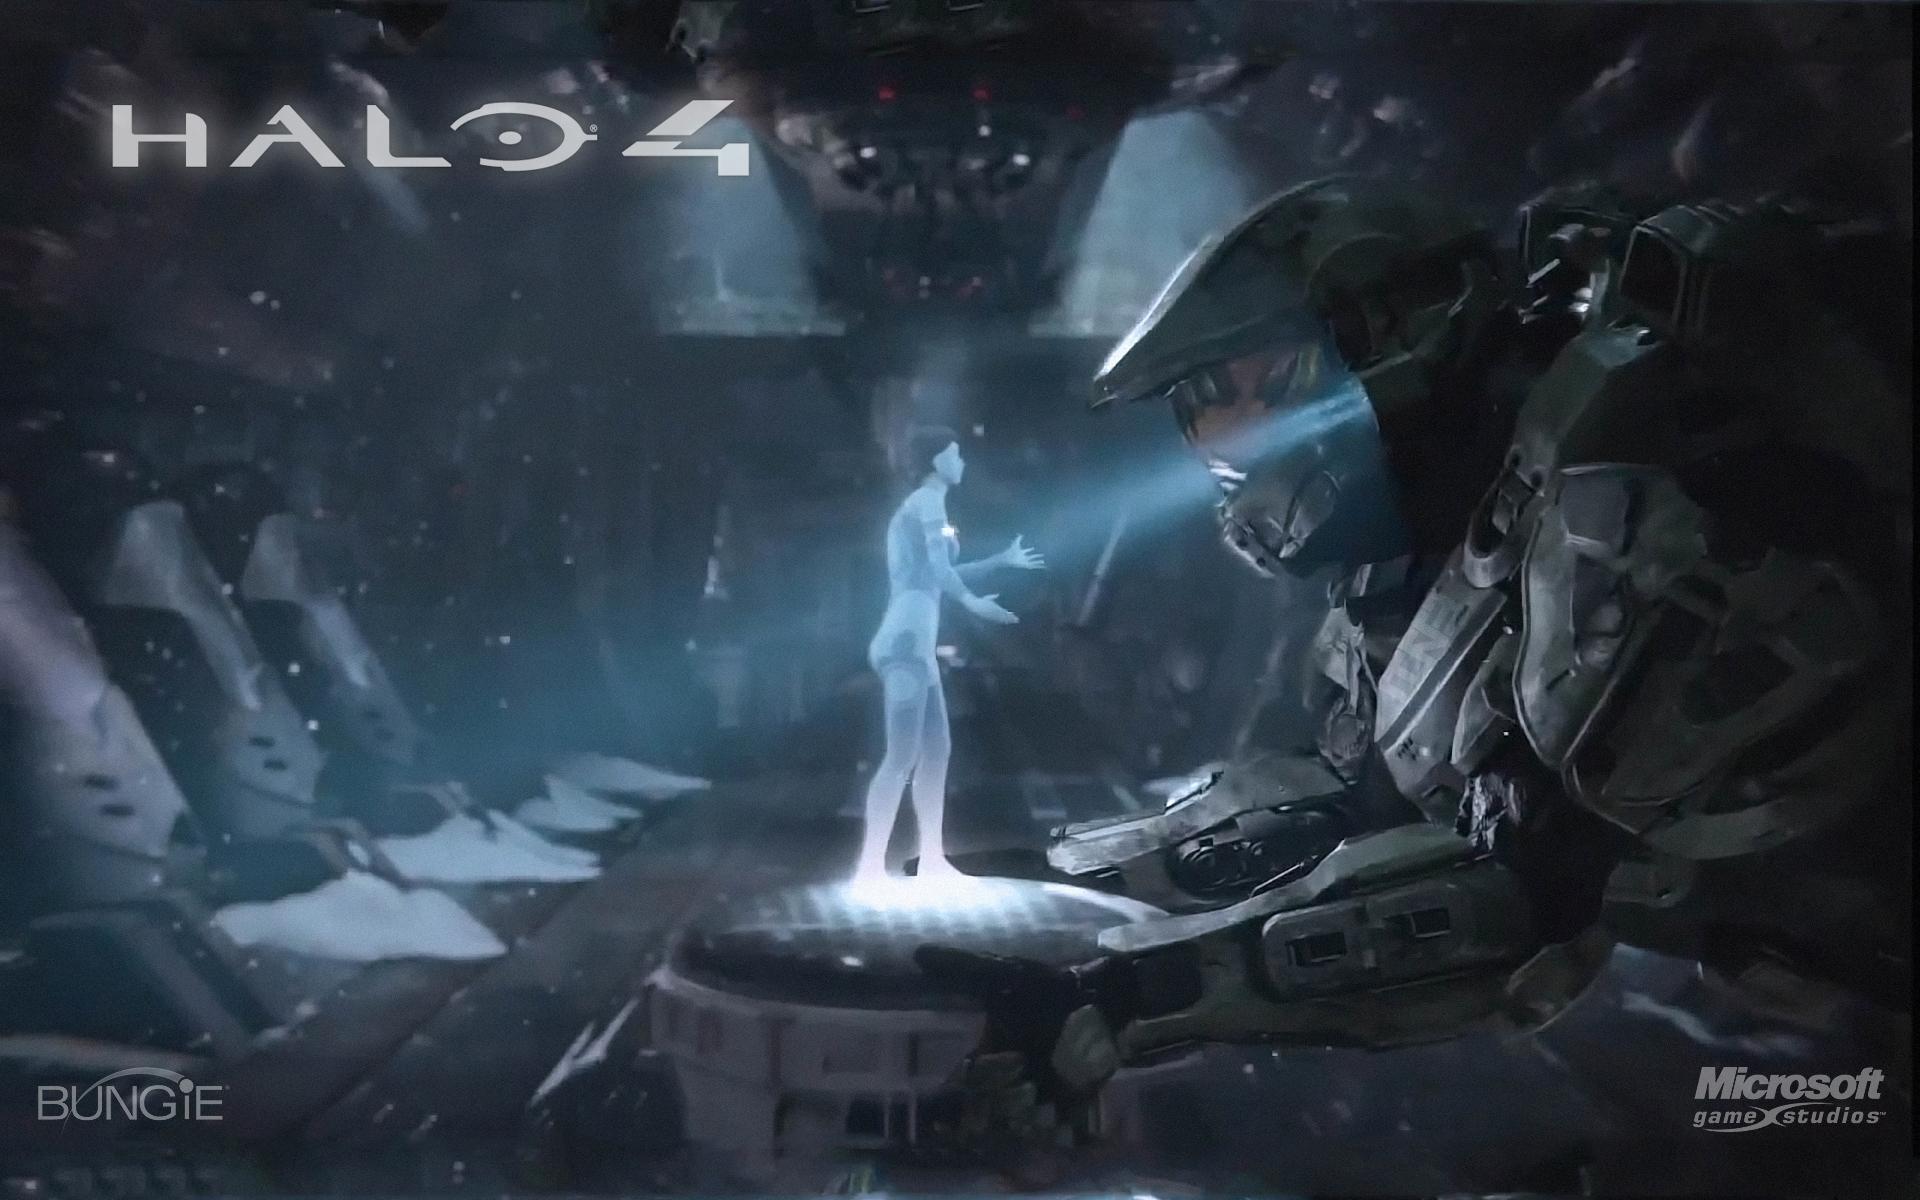 ... Halo 4 Wallpaper 1 HD by ockre